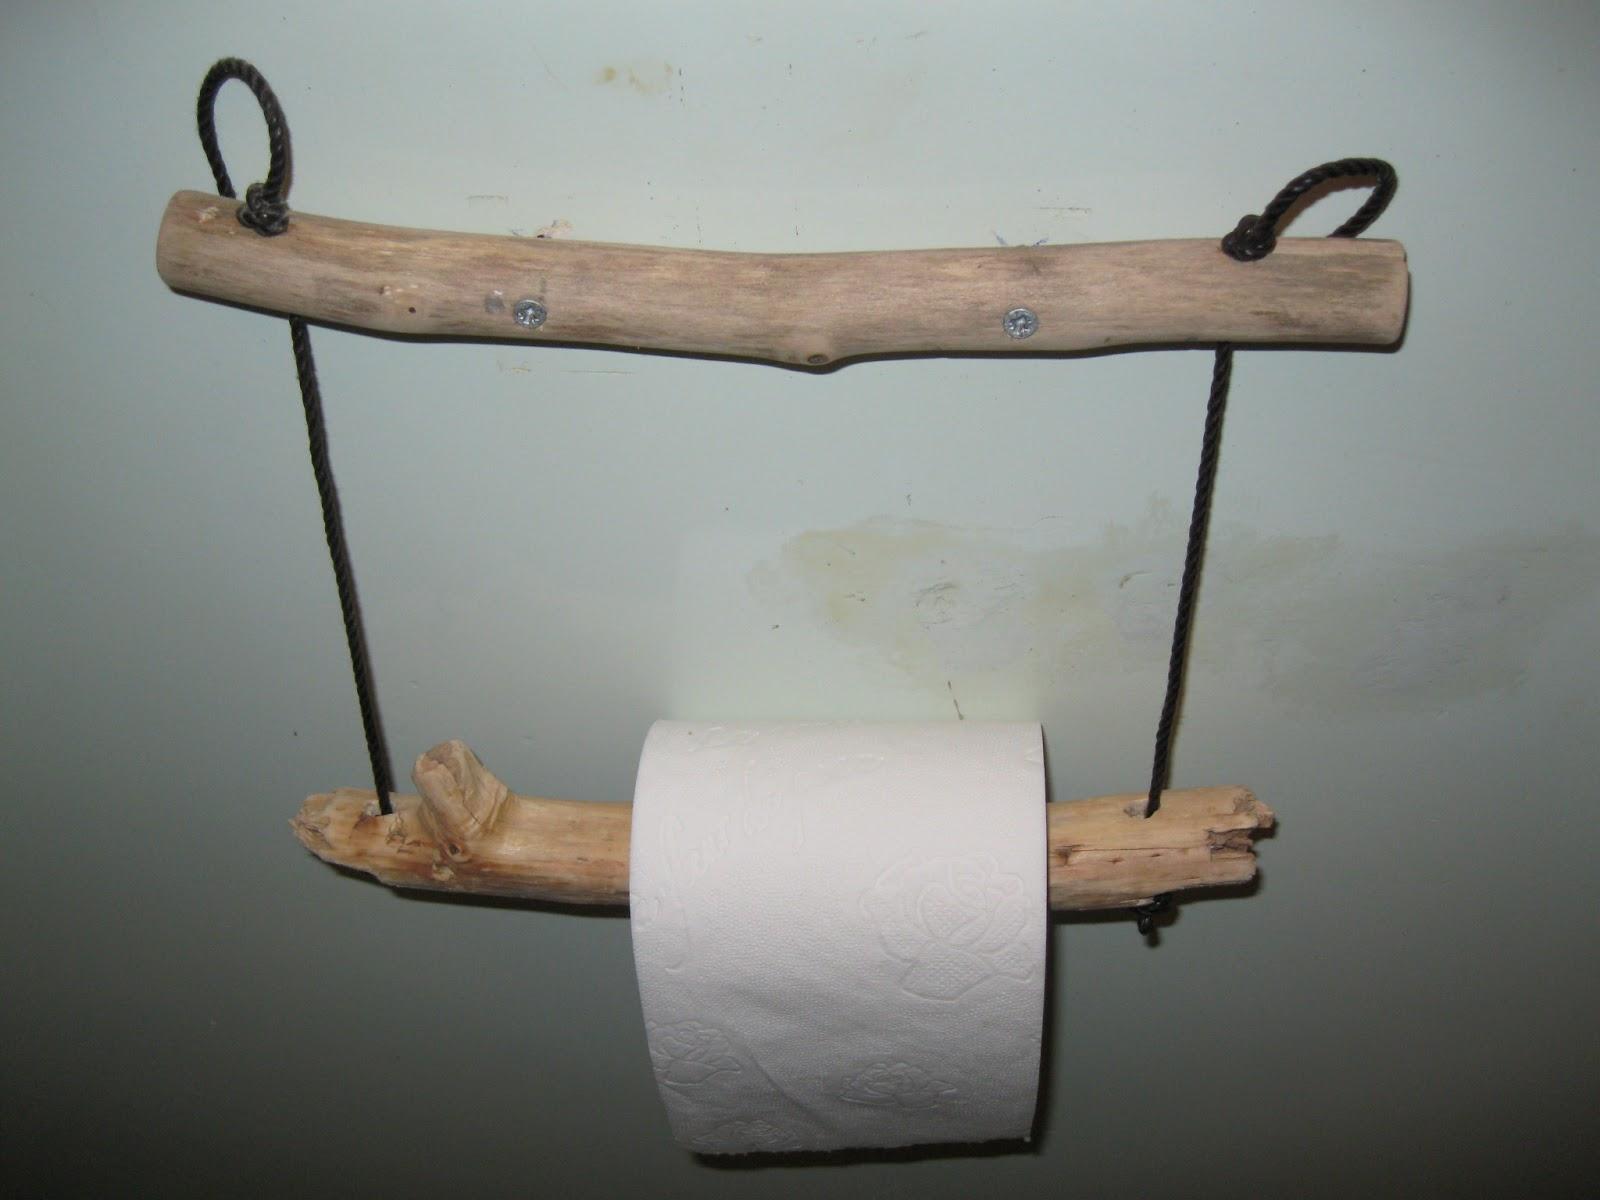 7 id es d co supers pour vos toilettes astuces de filles - Idee deco avec bois flotte ...